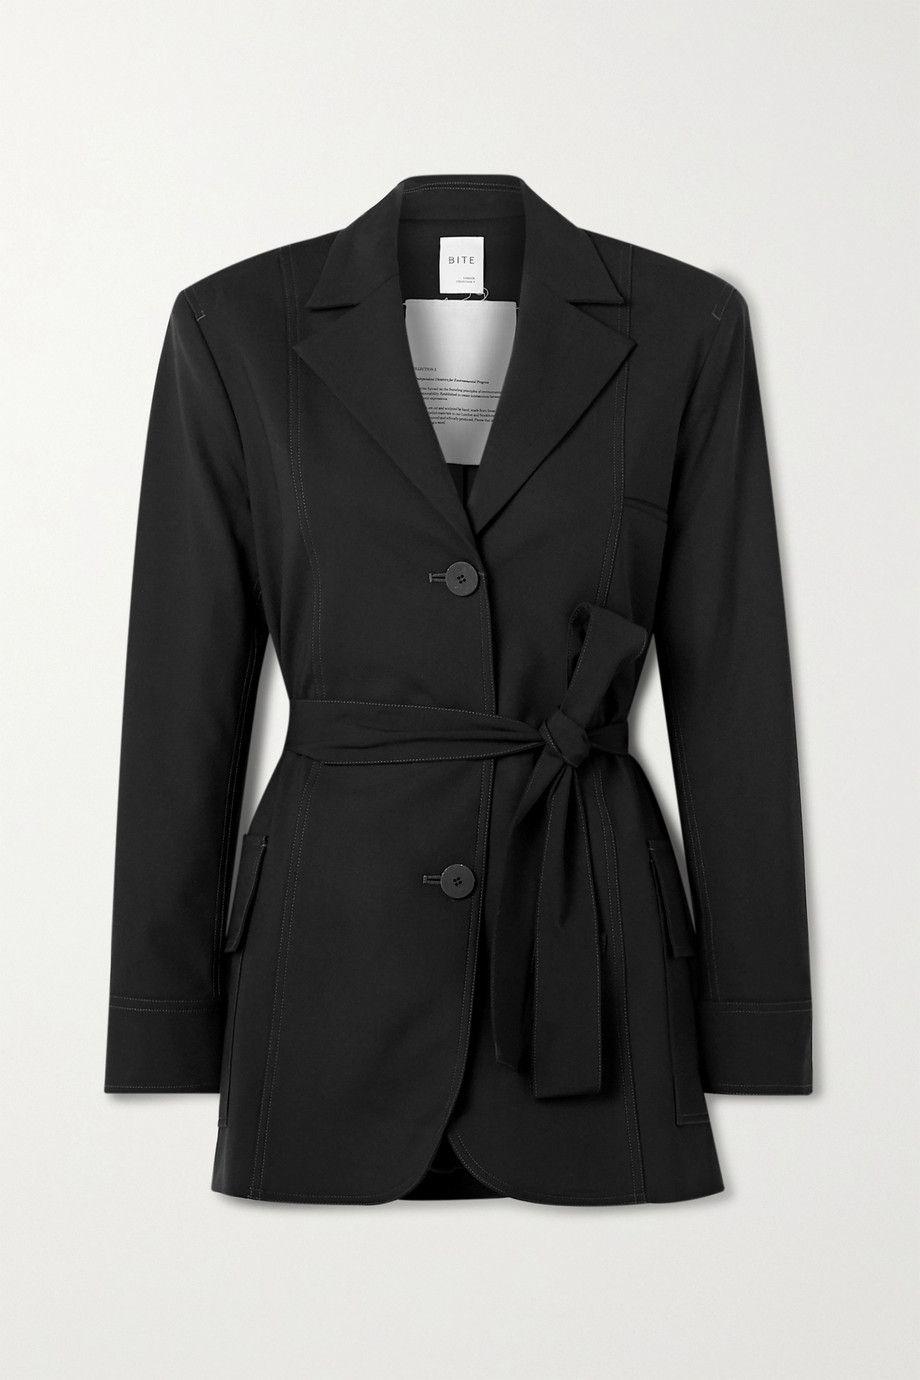 Smart jacket women's Best smart jackets for springsummer 2020